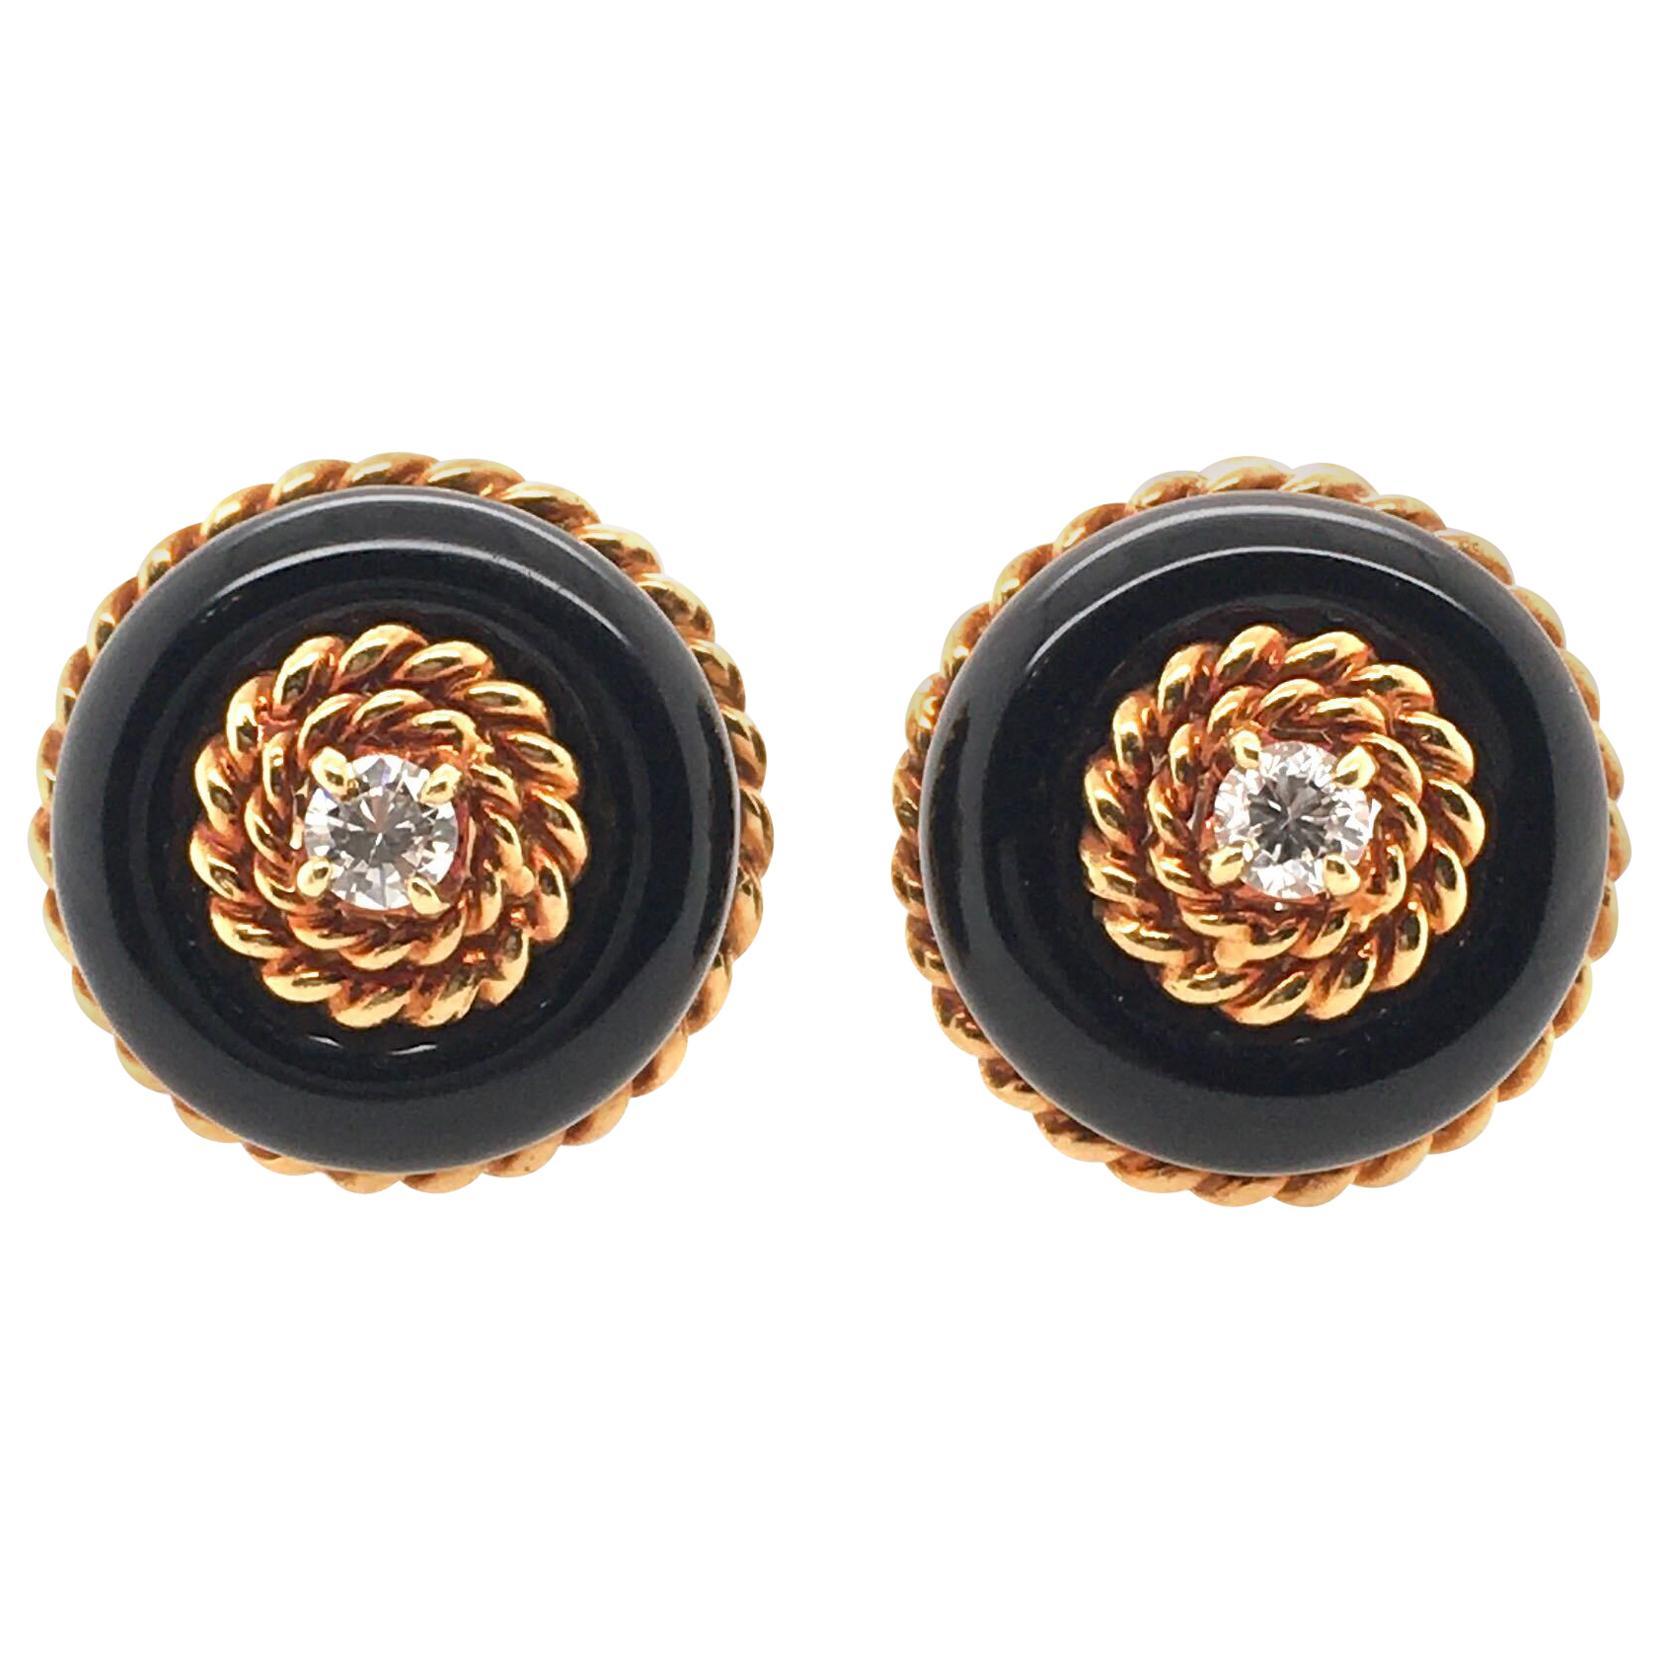 Van Cleef & Arpels Black Onyx, Diamond and Gold Earrings